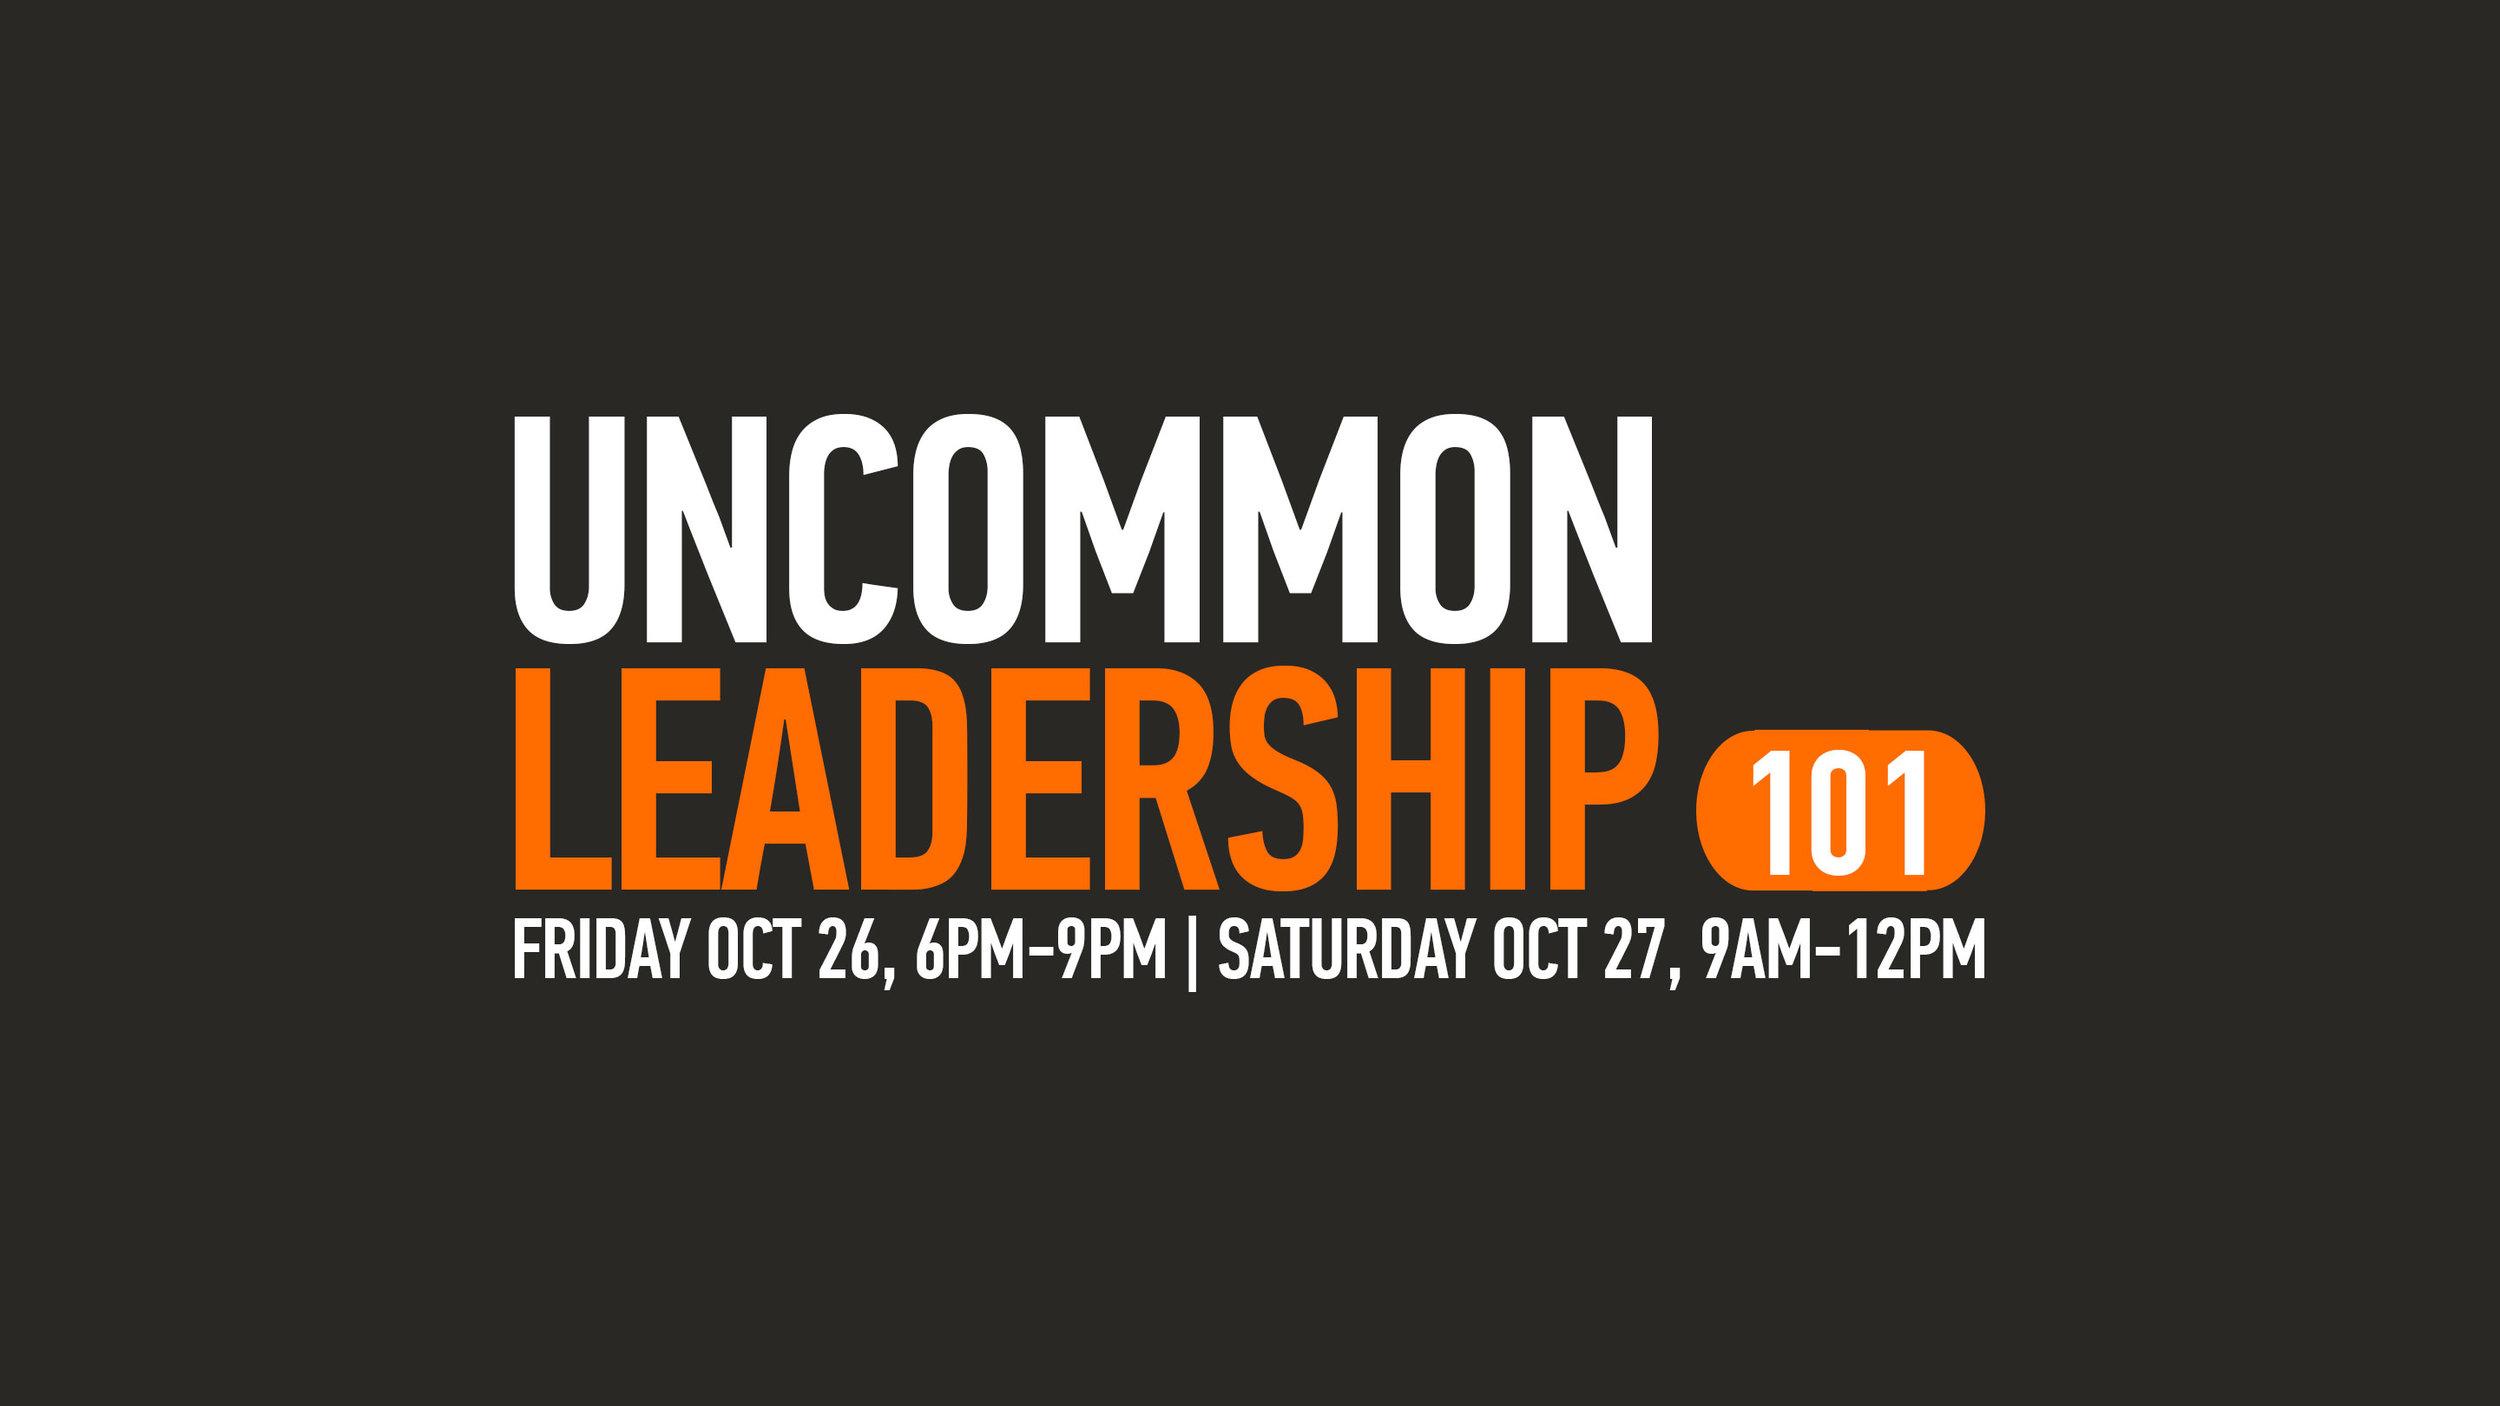 Uncommon-Leadership-101-WEB.jpg